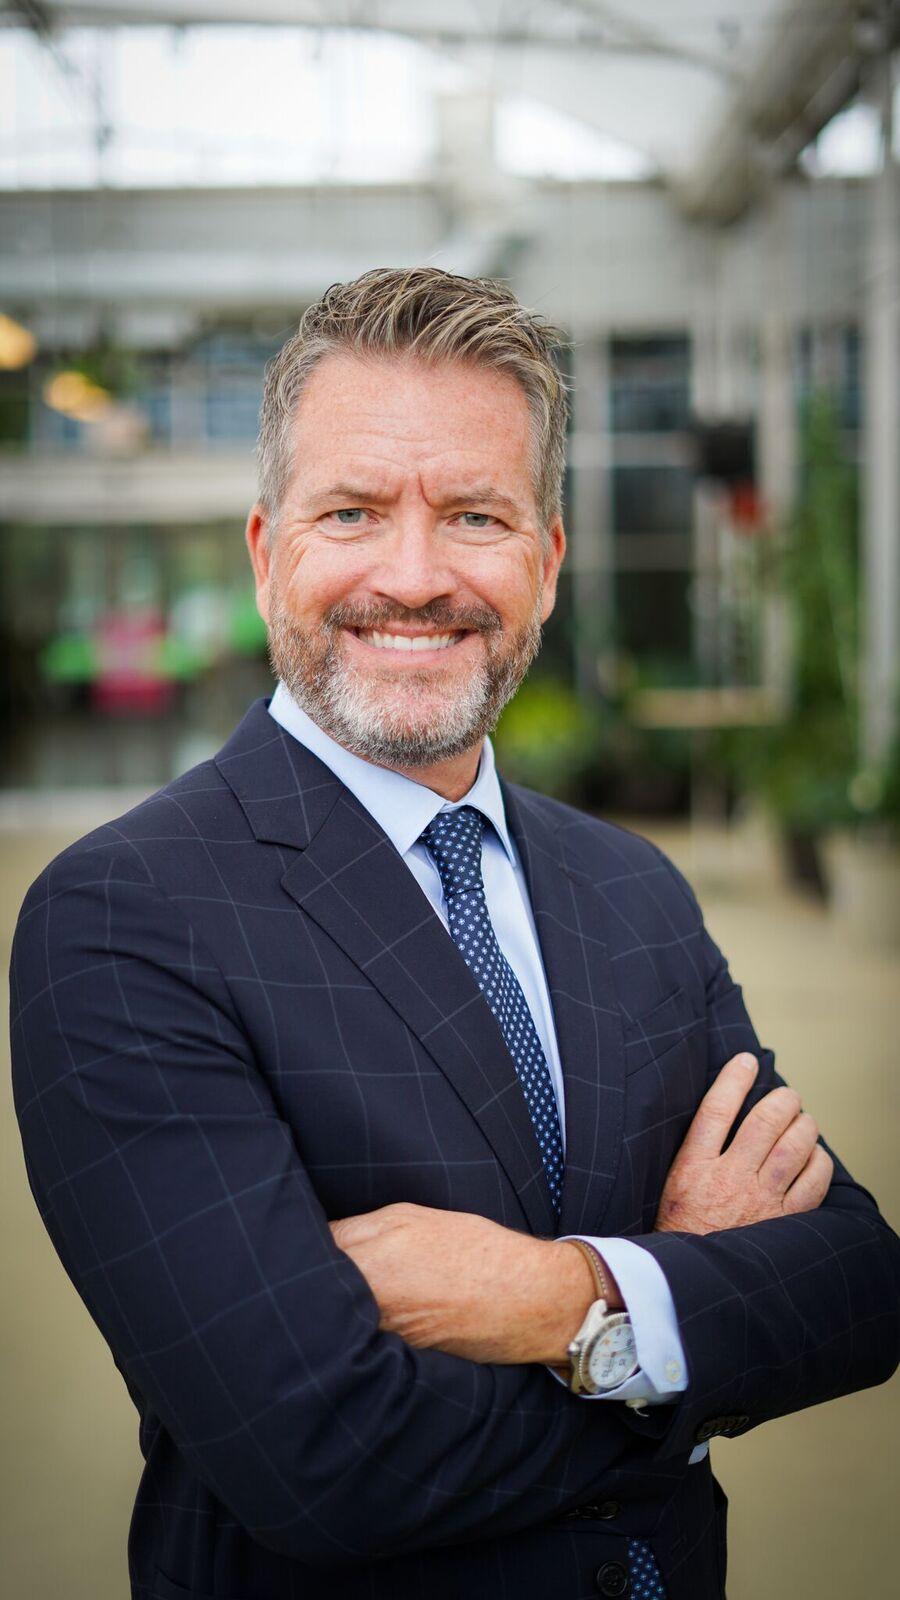 Mike Rundhaug